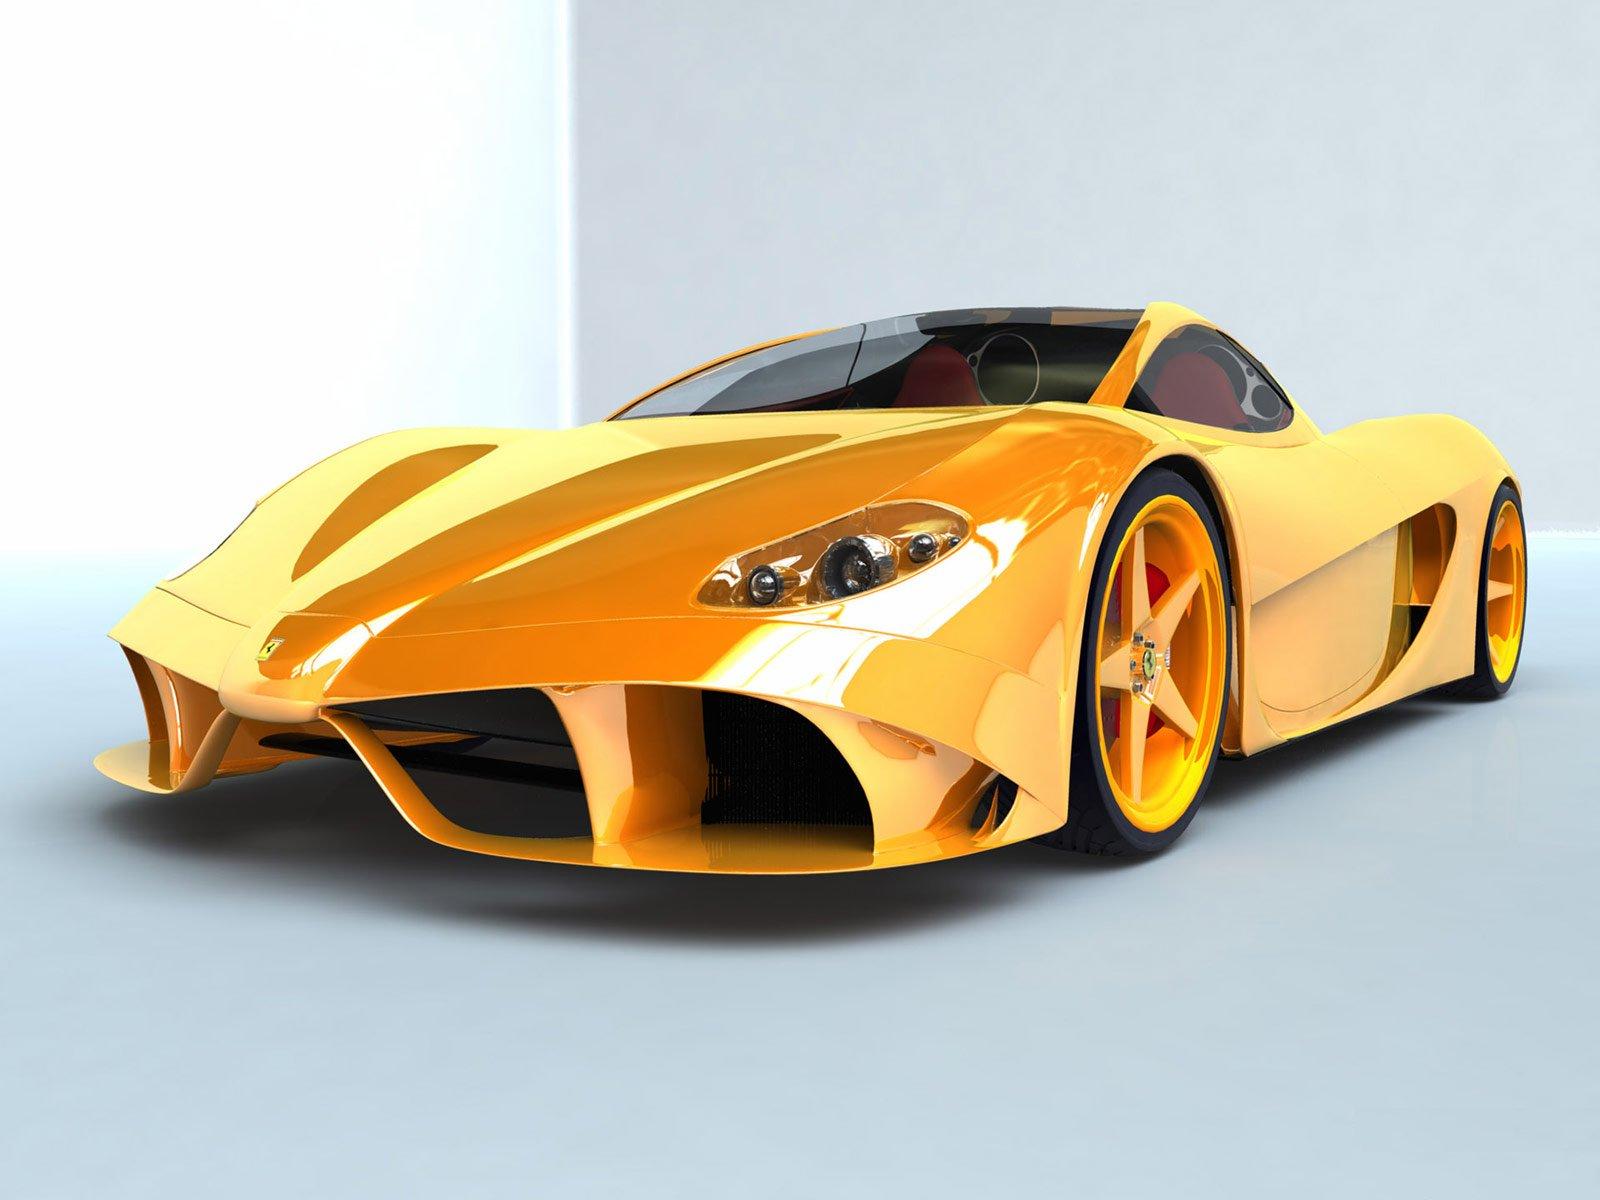 http://4.bp.blogspot.com/_7ub7OOBg4Xc/TTDyQBqFAAI/AAAAAAAAAWw/YEp0jR7_2jE/s1600/car3.jpg